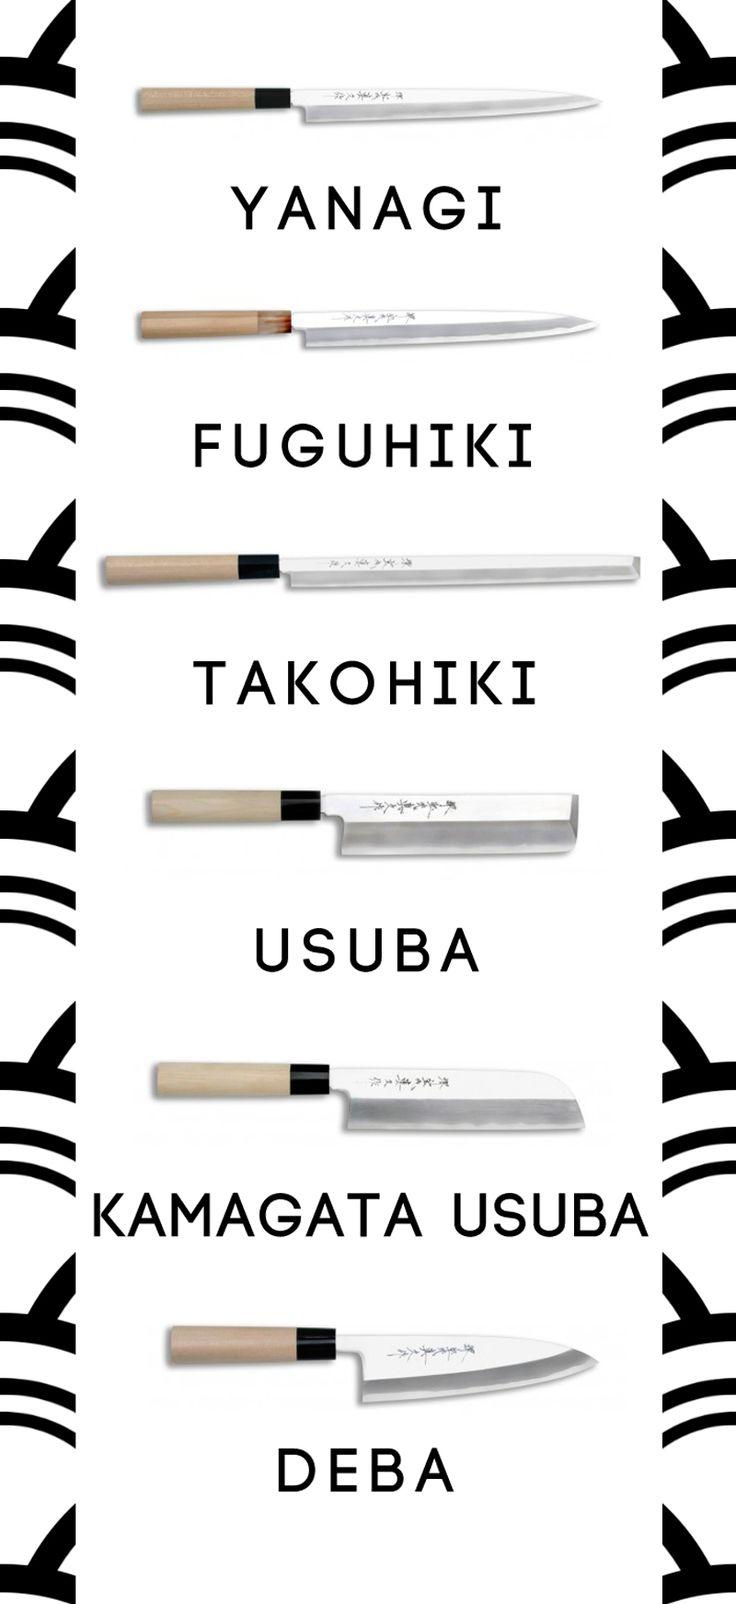 El arte de la fabricación de los cuchillos japoneses para sushi se remonta al siglo 14, pero la fabricación de las espadas japonesas es aun mas antigua, casi 1000 años atrás. Durante el periodo de modernización en Japón en el siglo 19 portar espadas samurai se convirtió en un delito, es por eso que los artesanos comenzaron a orientar sus negocios a la fabricación de cuchillos para cortar pescado. Al igual que con todas las formas de arte en Japón, hay cientos de años de conocimiento y ...